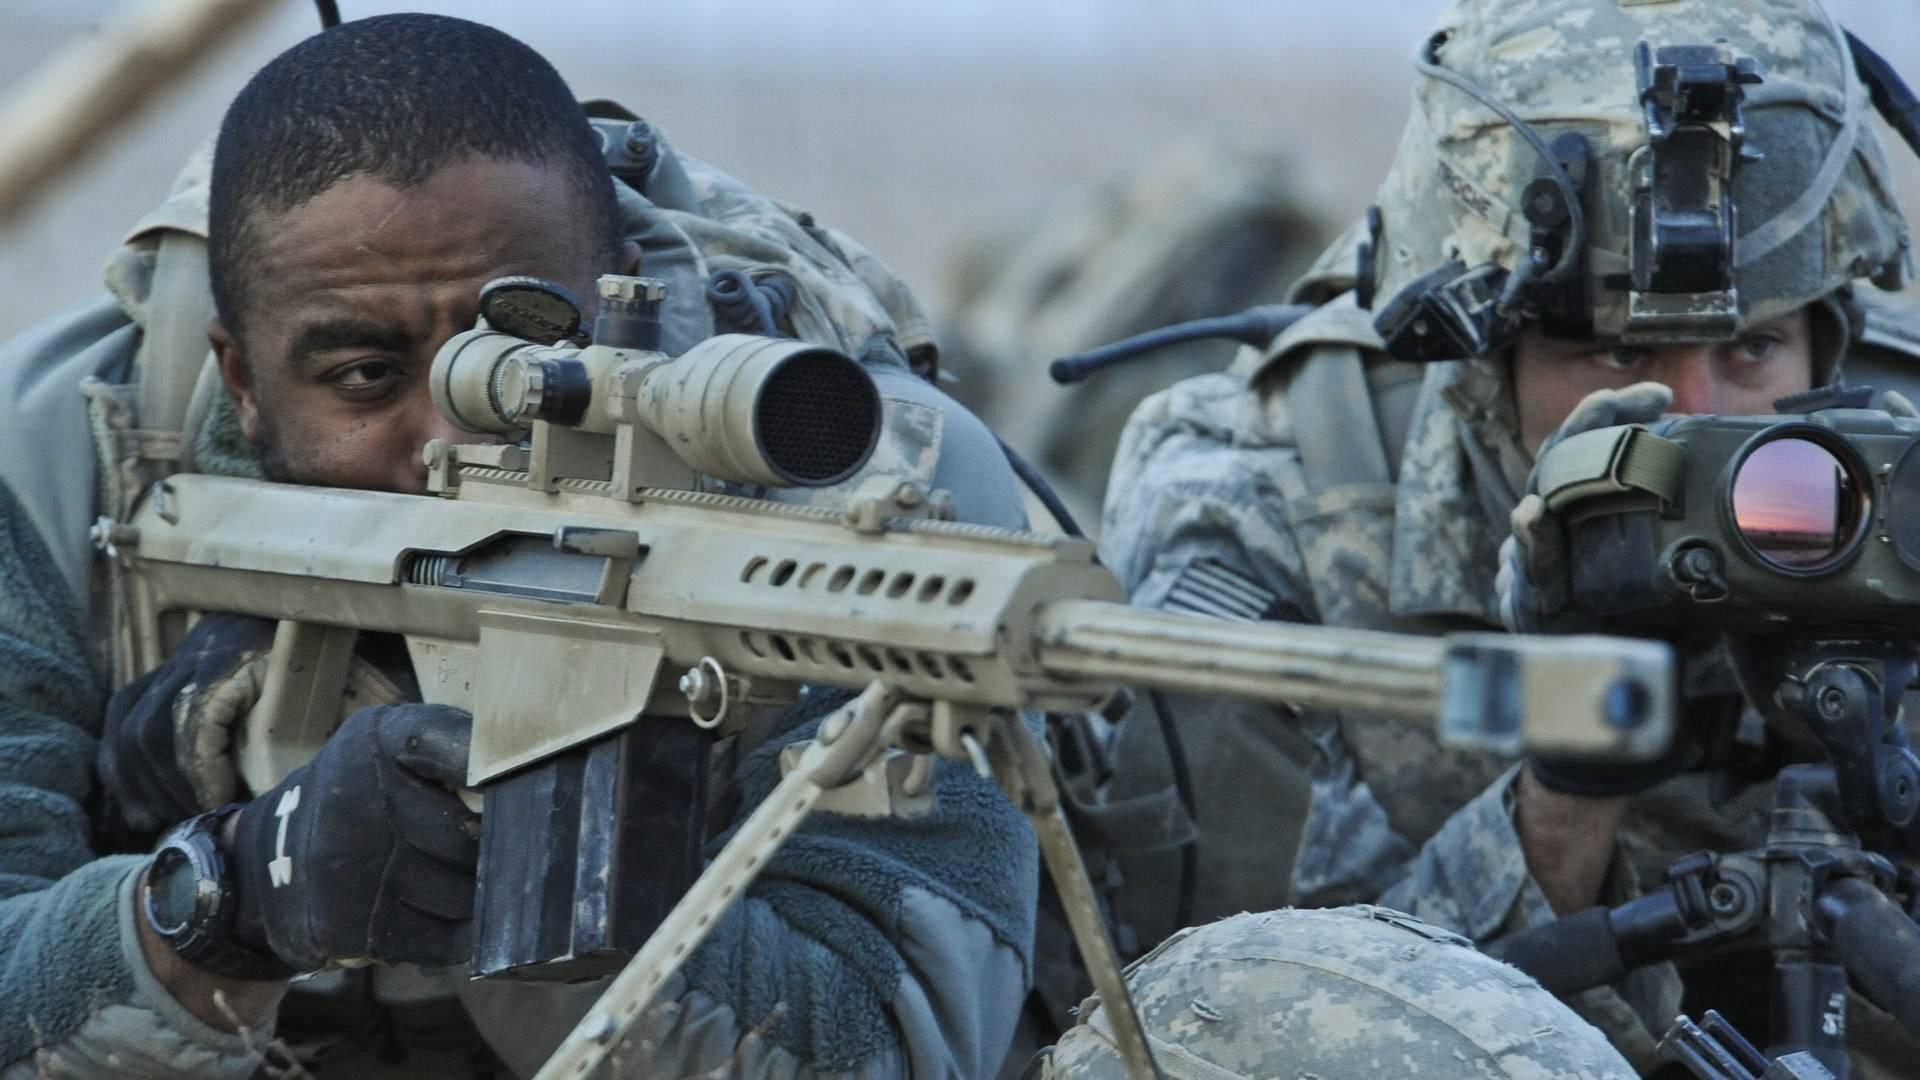 史上最強狙擊手!在戰爭中連續擊殺2746人,最終下場很慘_迪拉德約翰遜